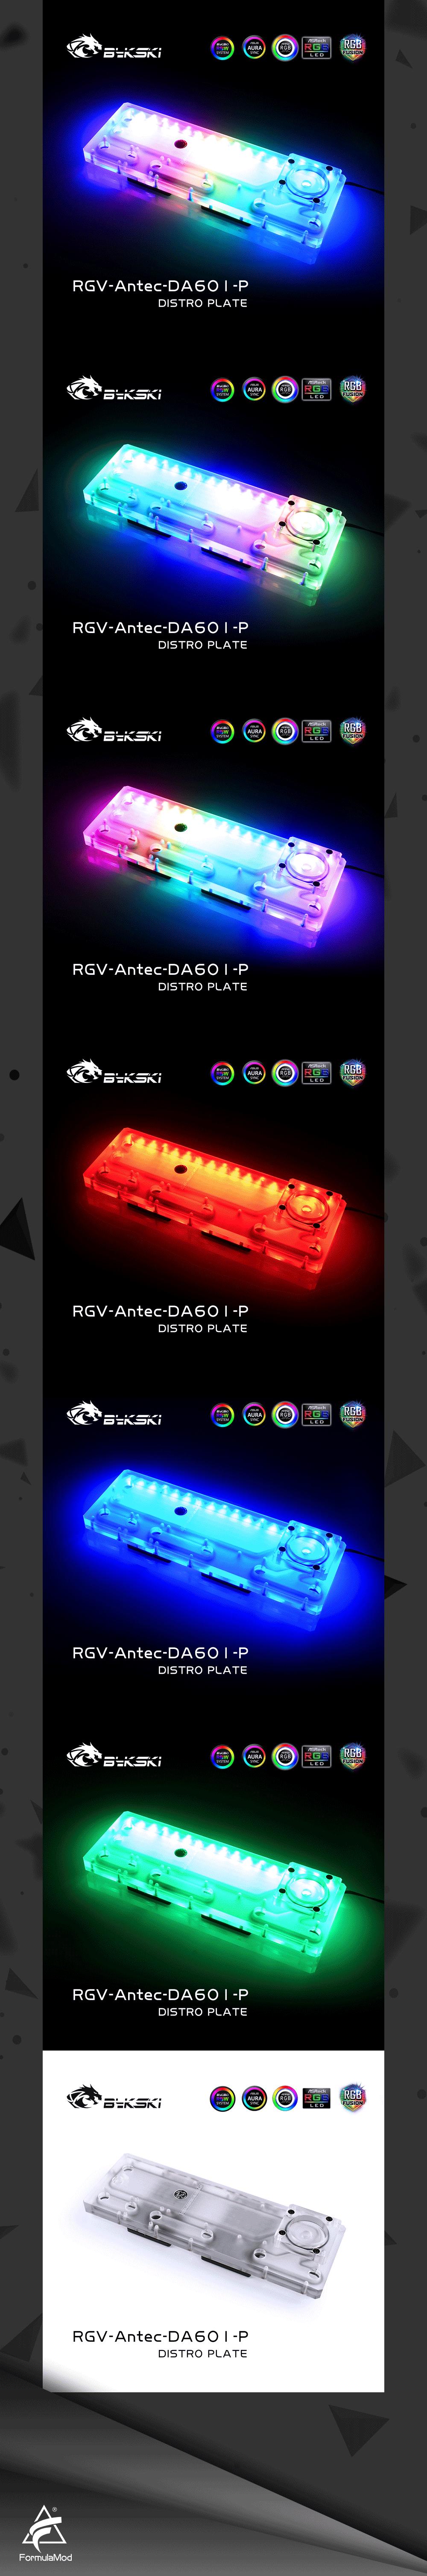 Bykski RGV-Antec-DA601-P, Waterway Boards For Antec Dark Avenger DA601 Case, For Intel CPU Water Block & Single GPU Building